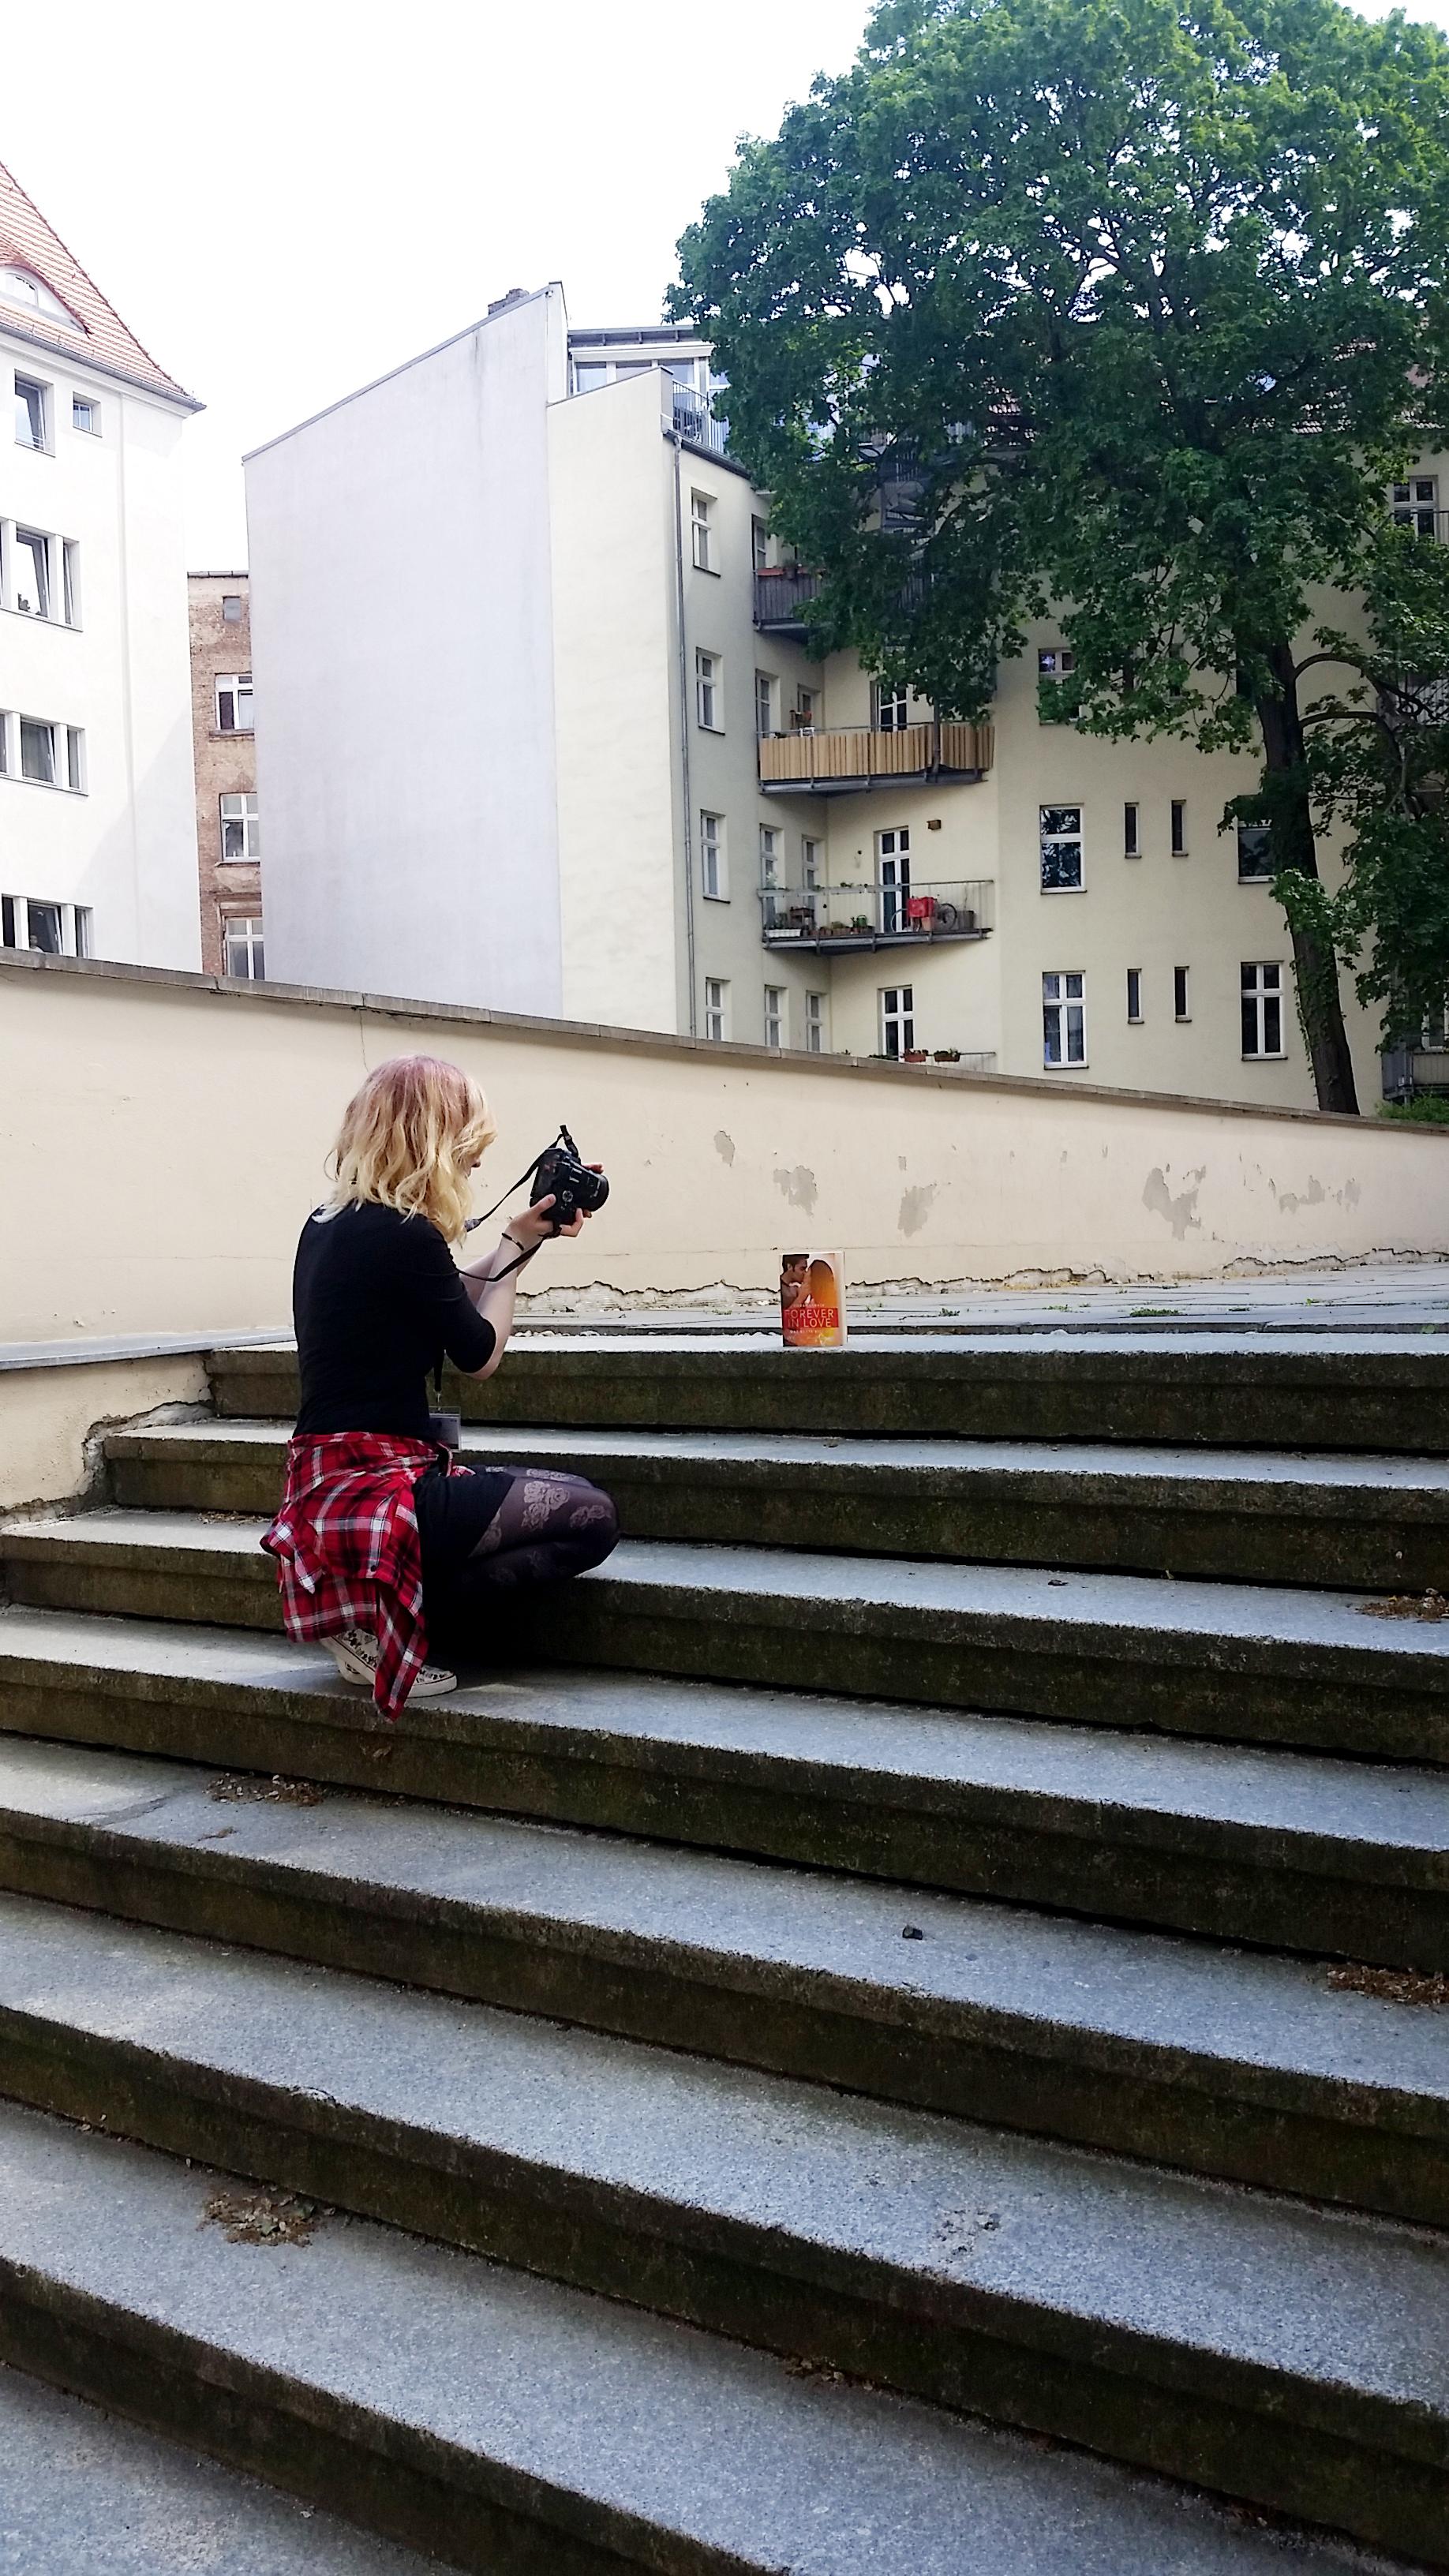 annelovesbooks beim Instagram Bilder schießen